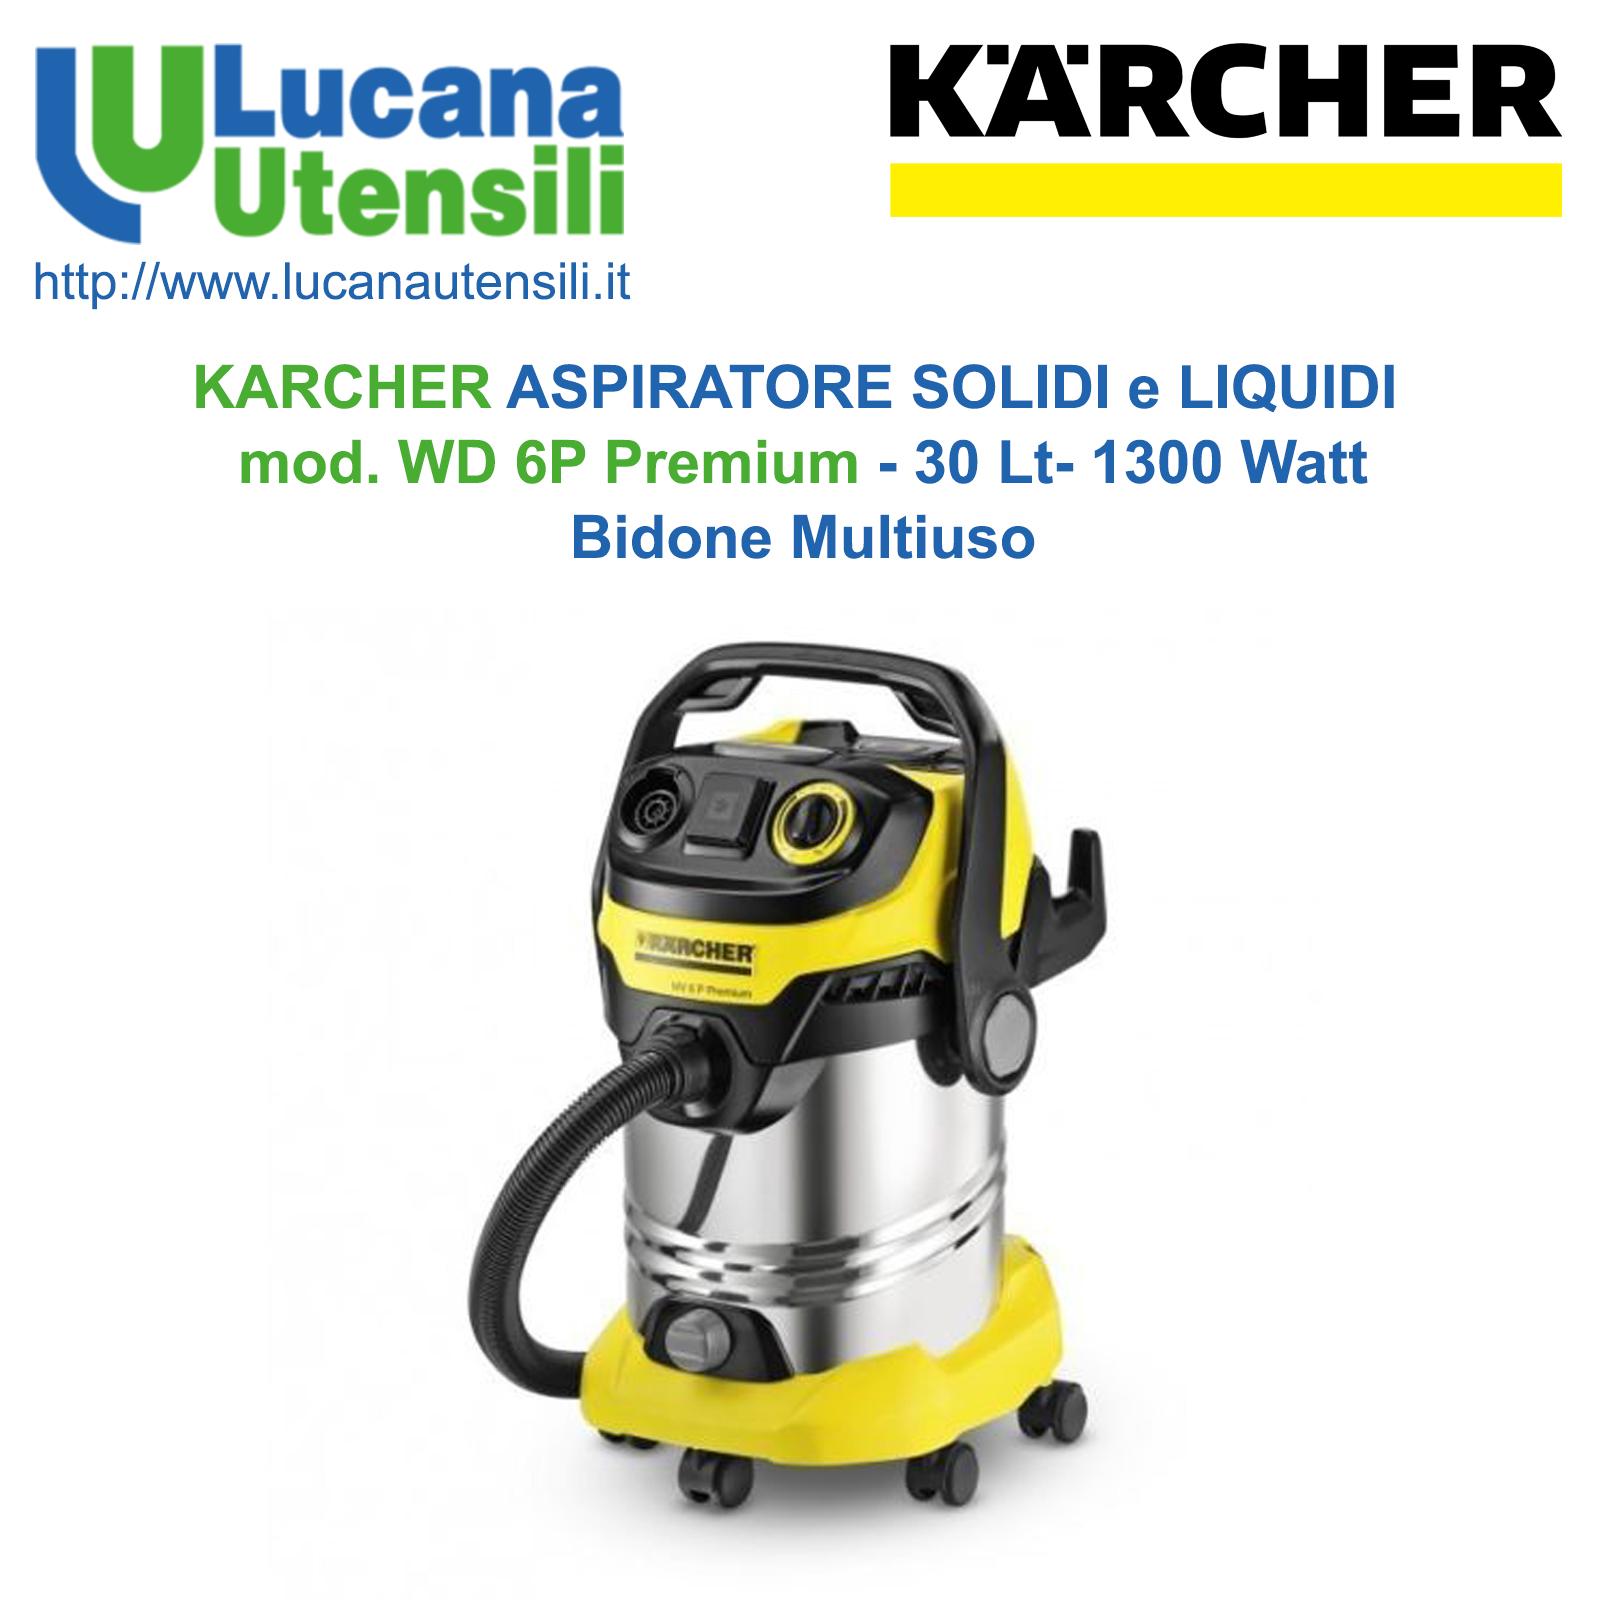 1300 W K/ärcher WD 6 P Premium Aspirapolvere multiuso